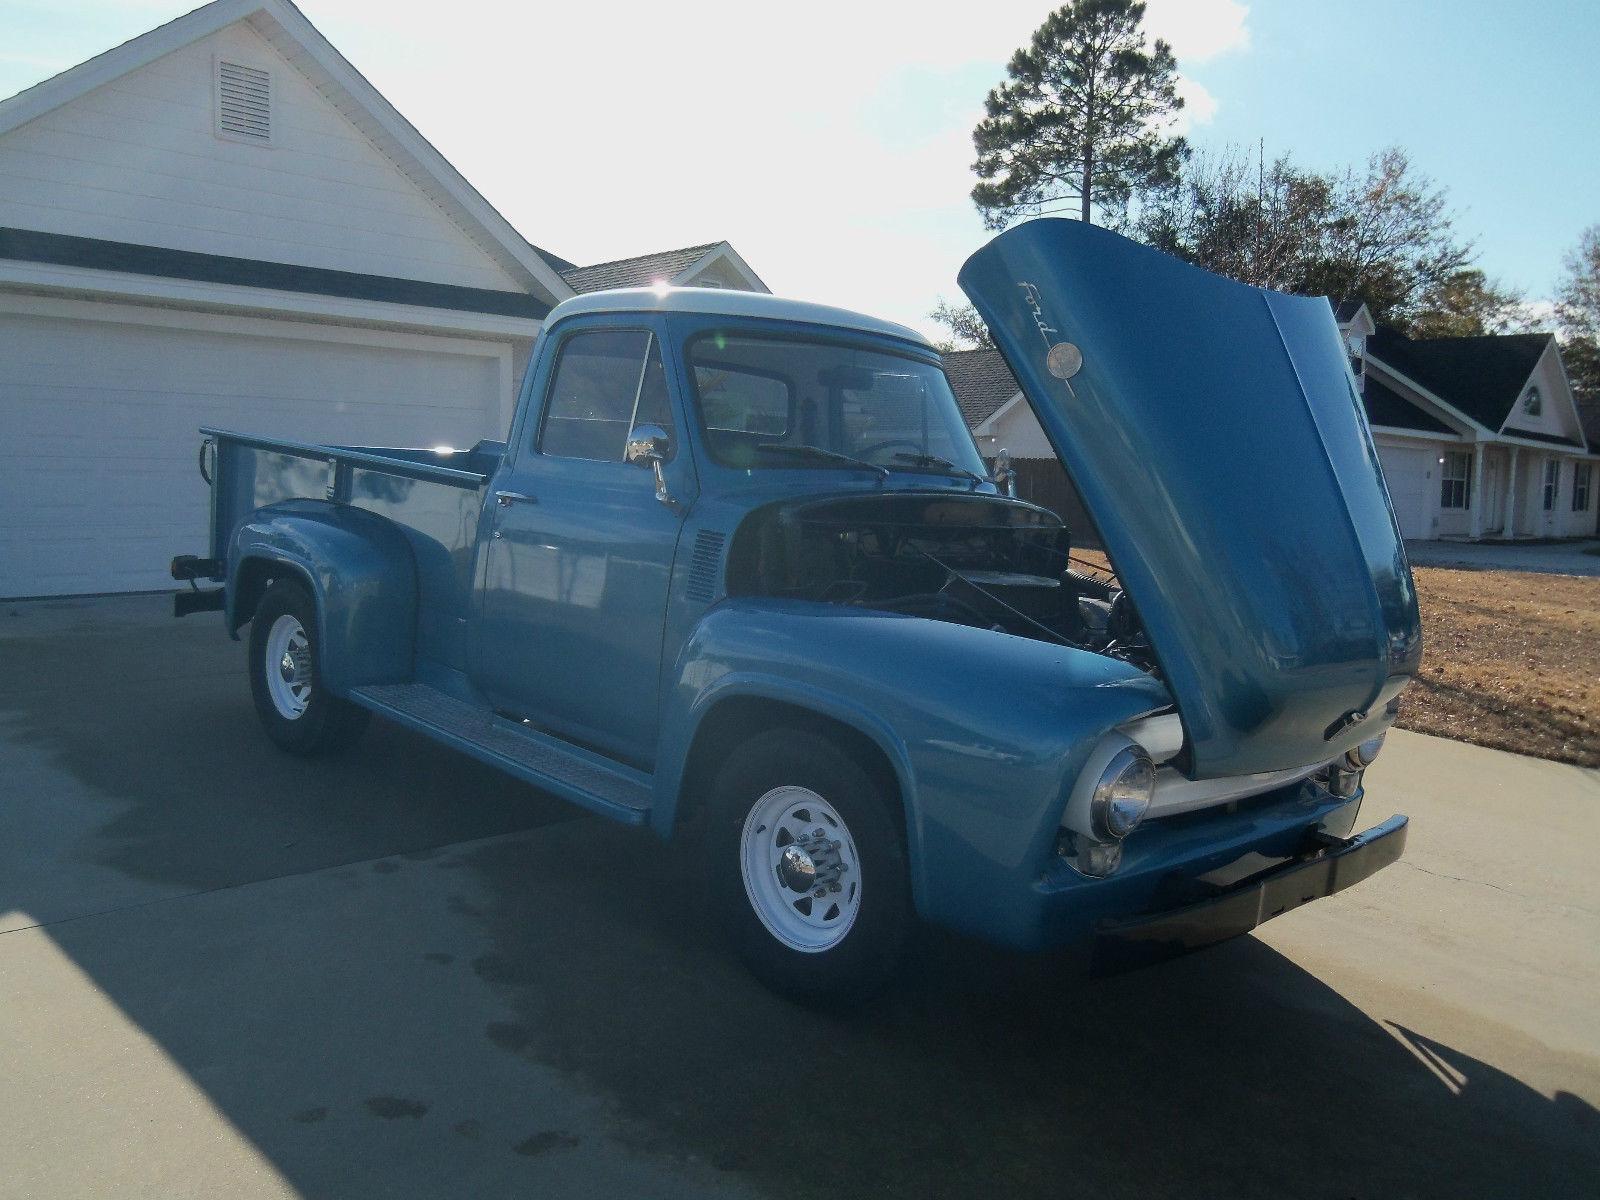 vintage antique ford truck f 250 1955 excellent condition original motor. Black Bedroom Furniture Sets. Home Design Ideas